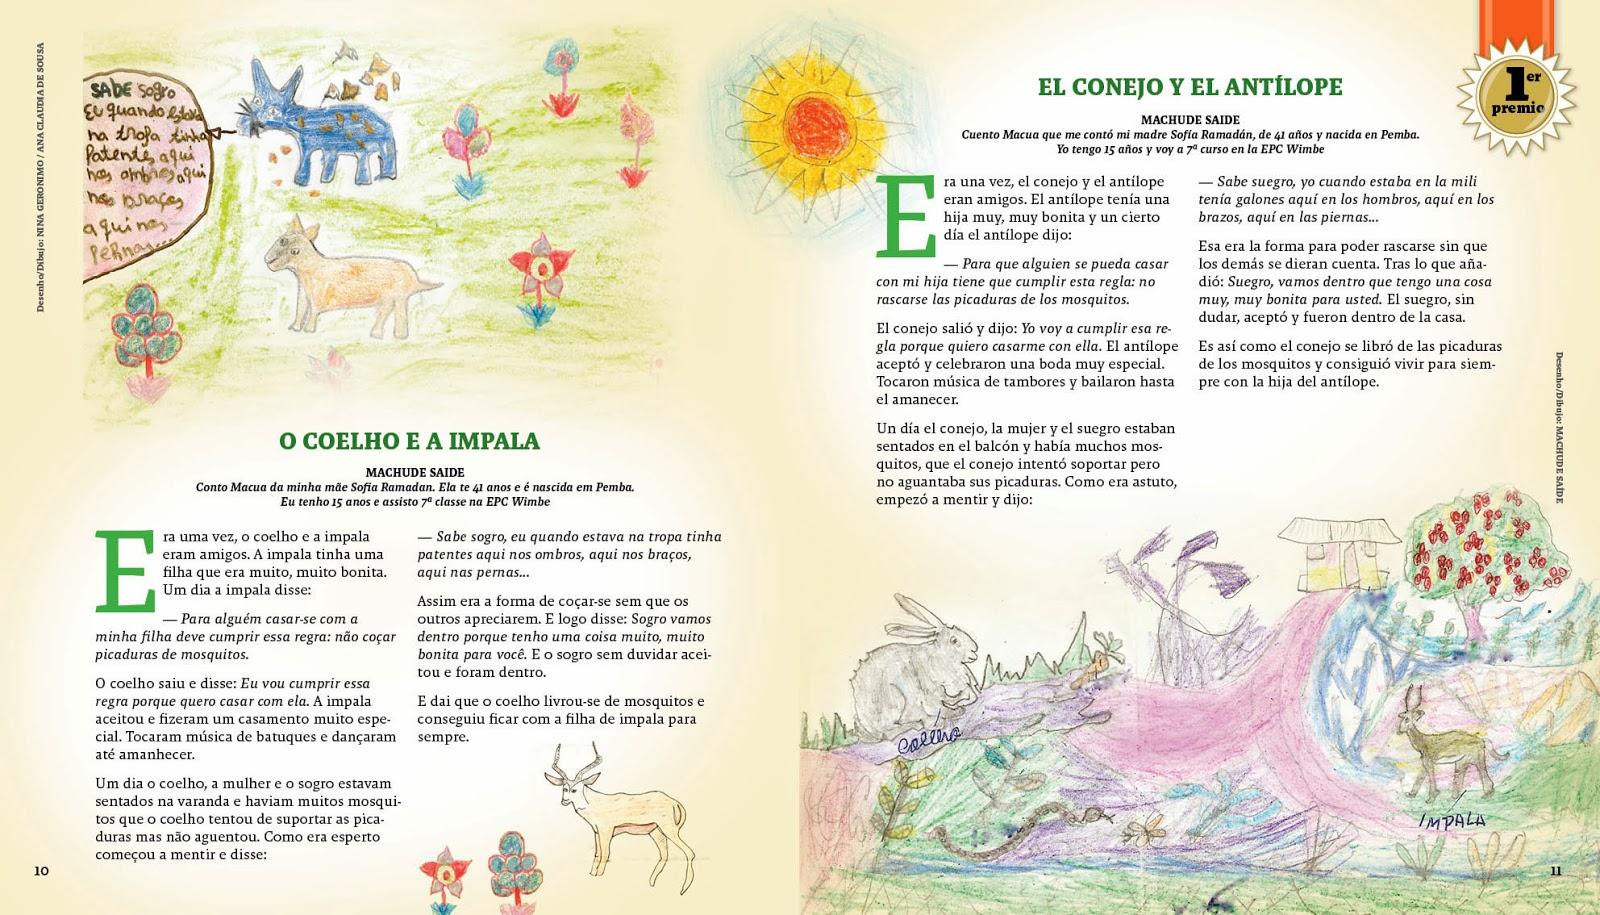 Como Hacer La Libreta De Dibujo De Marinette Prodigiosa: Siga El Conejo Epic T Conejo Seguir Y Prodigiosa